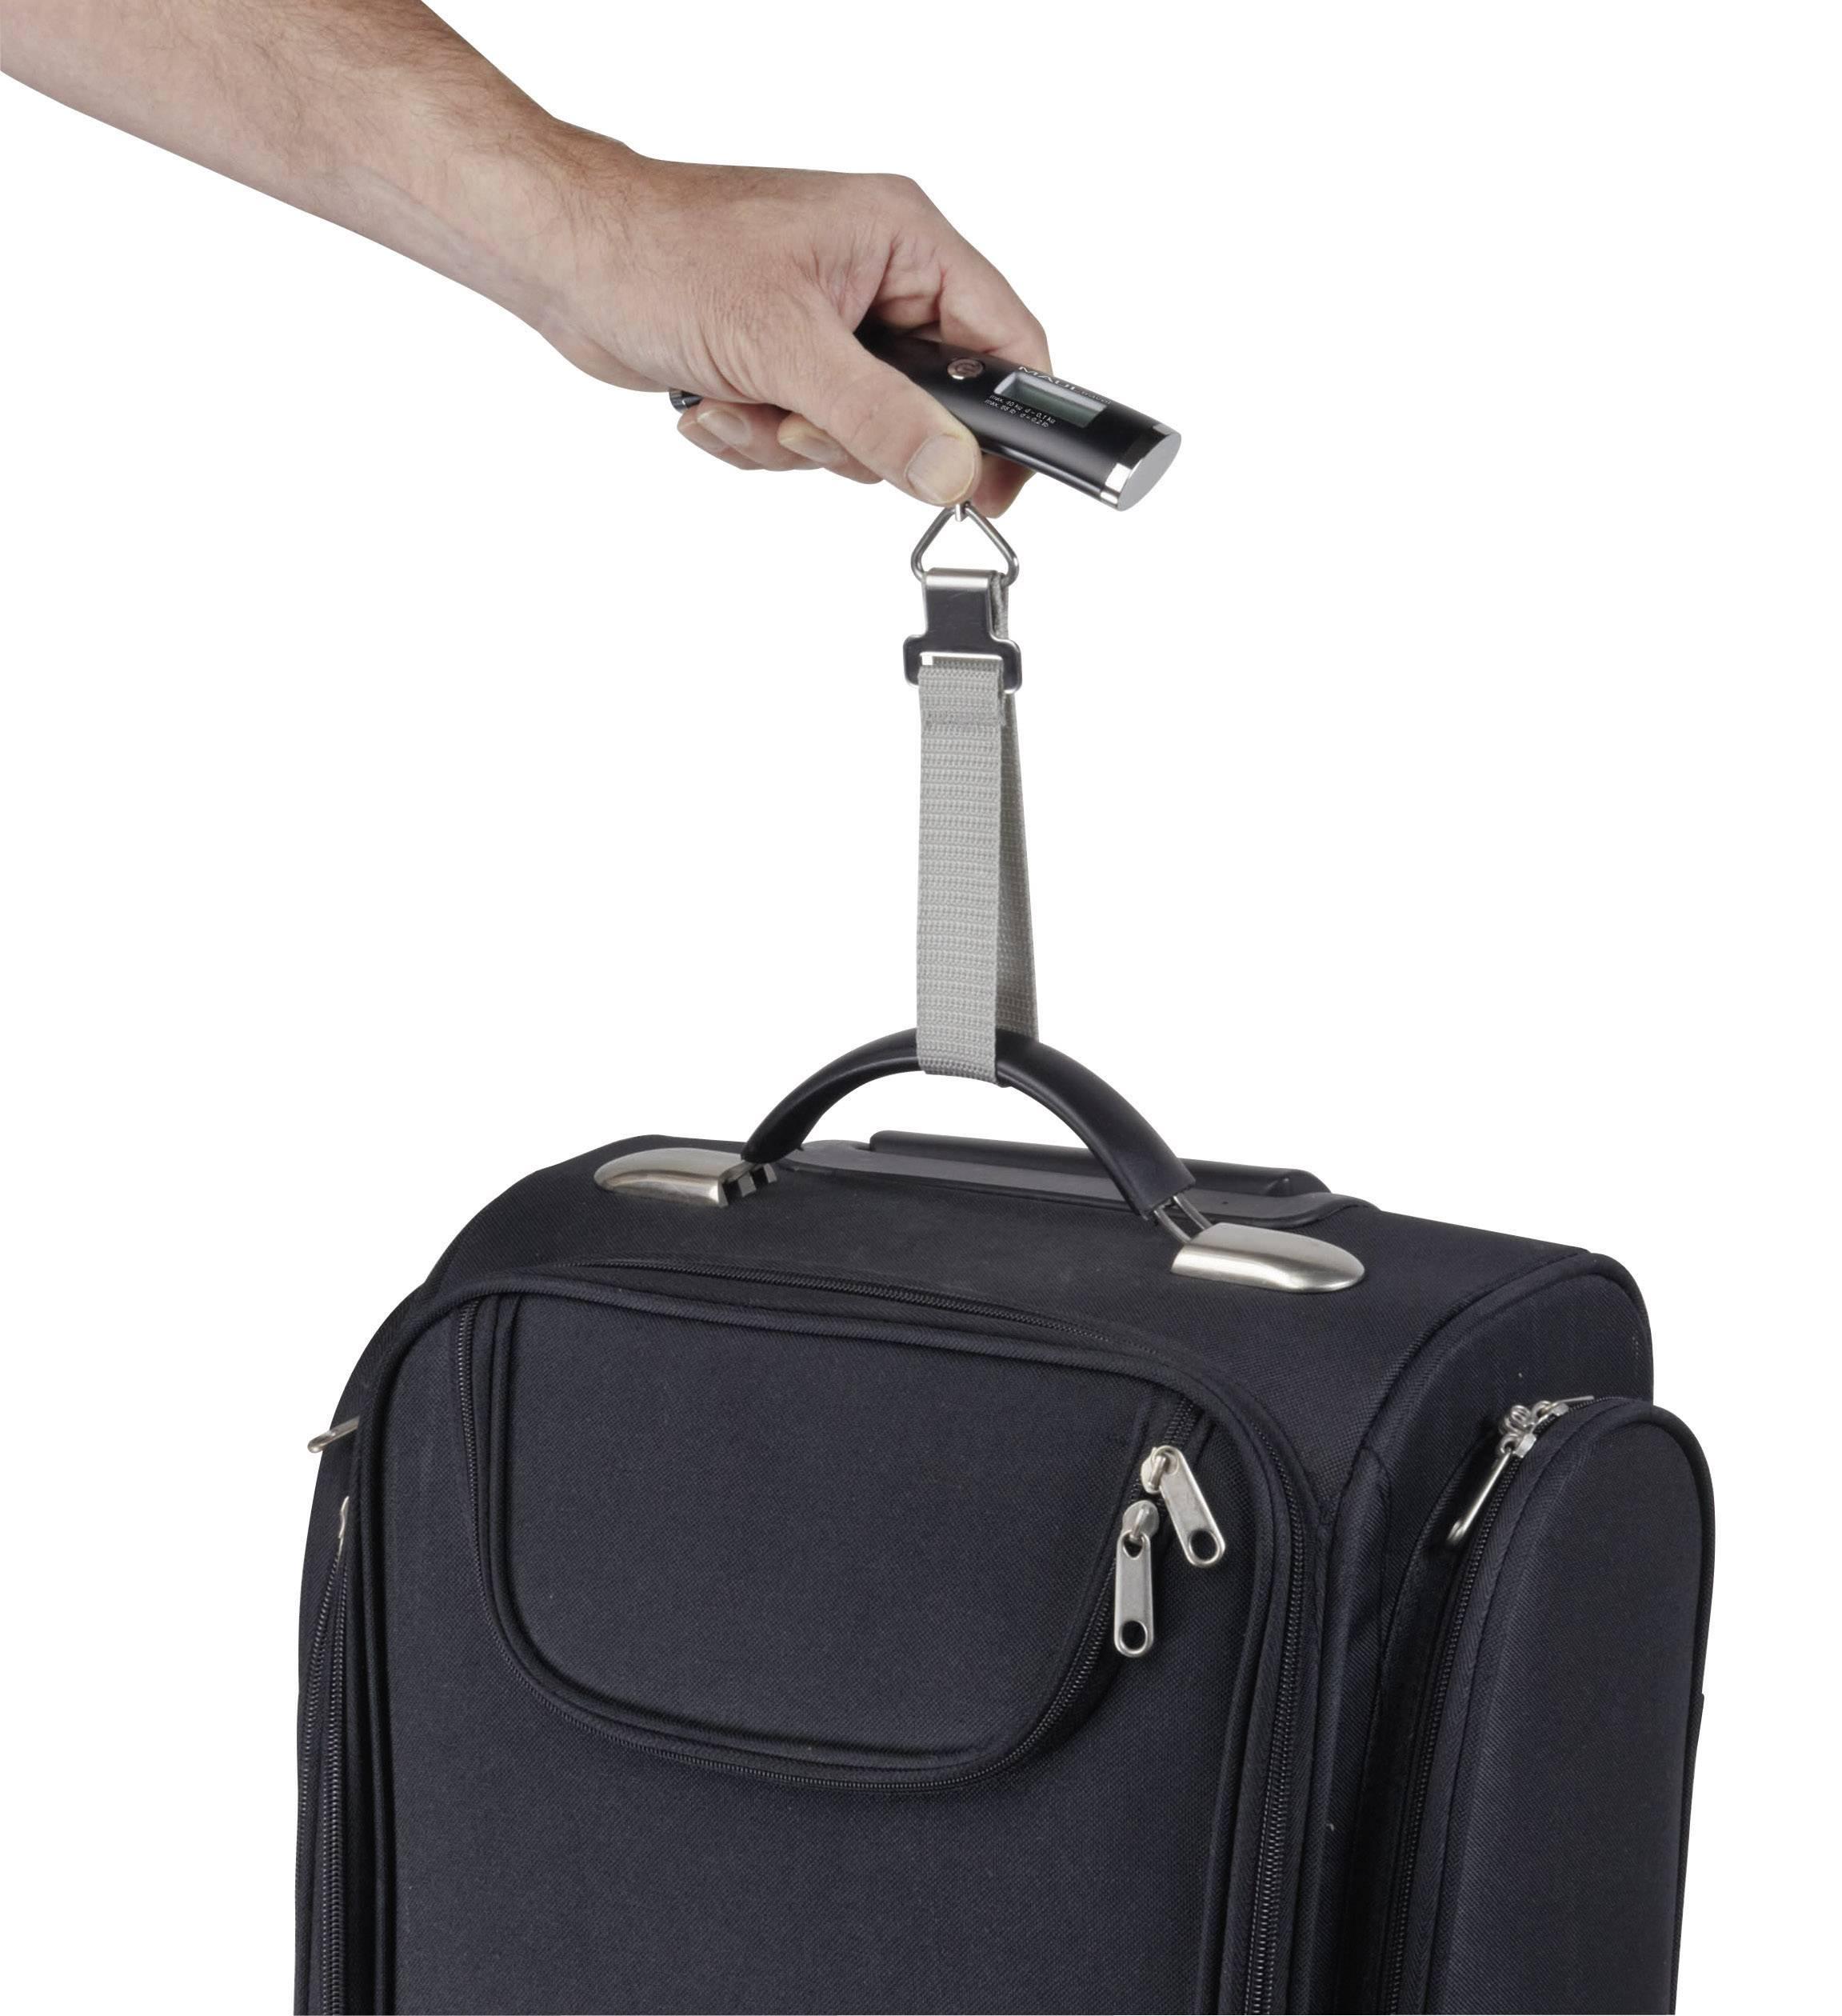 Váha na cestovnú batožinu Maul travel, max.váživosť 40 kg, presnosť 100 g, čierna